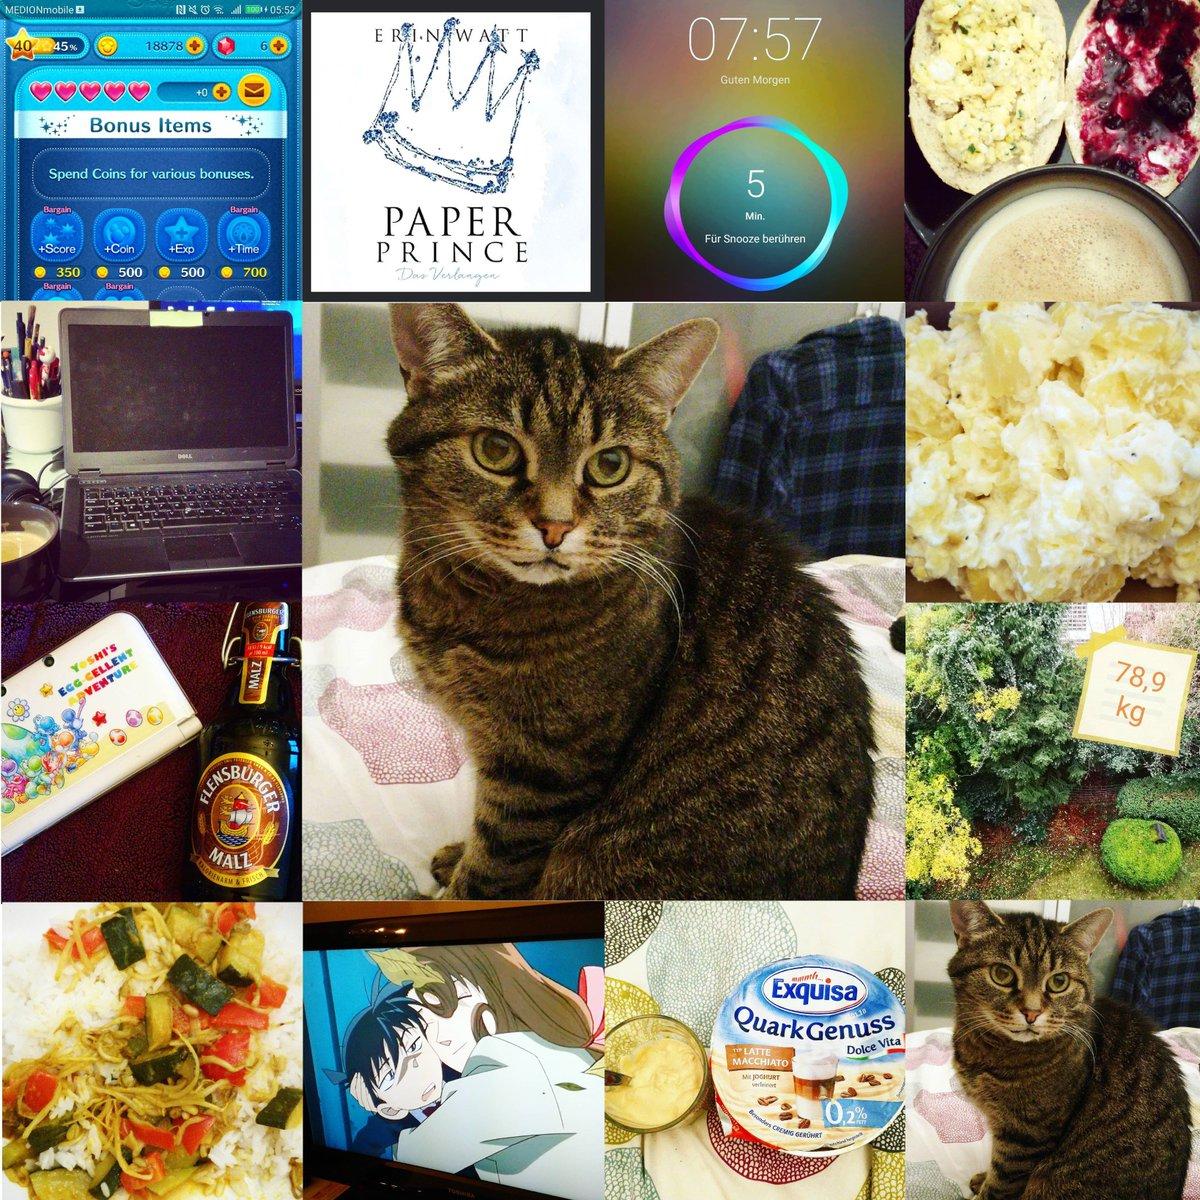 #12von12 Latest News Trends Updates Images - MsNinBerryArt